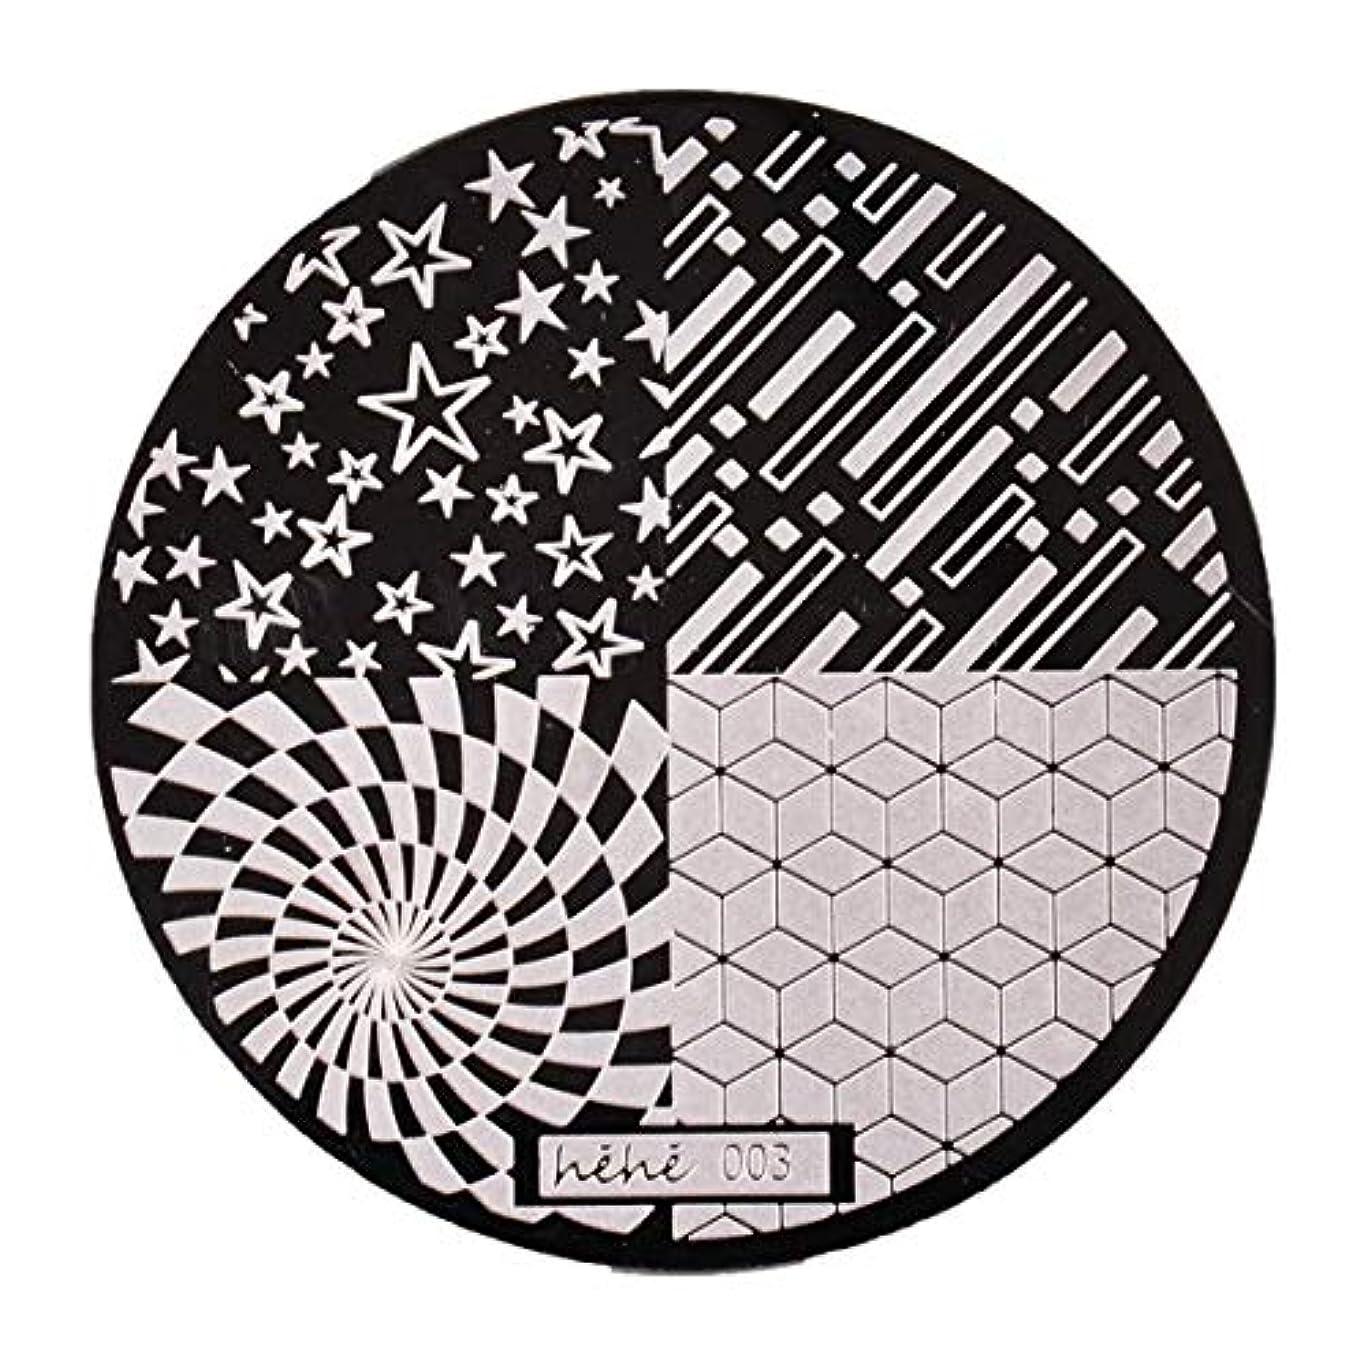 野望本質的に付録OU-Kunmlef 重要なネイルアートネイルラウンドプレート印刷プレート転送スタンプ画像プレートプレートネイルスタンプDIY(None 03)